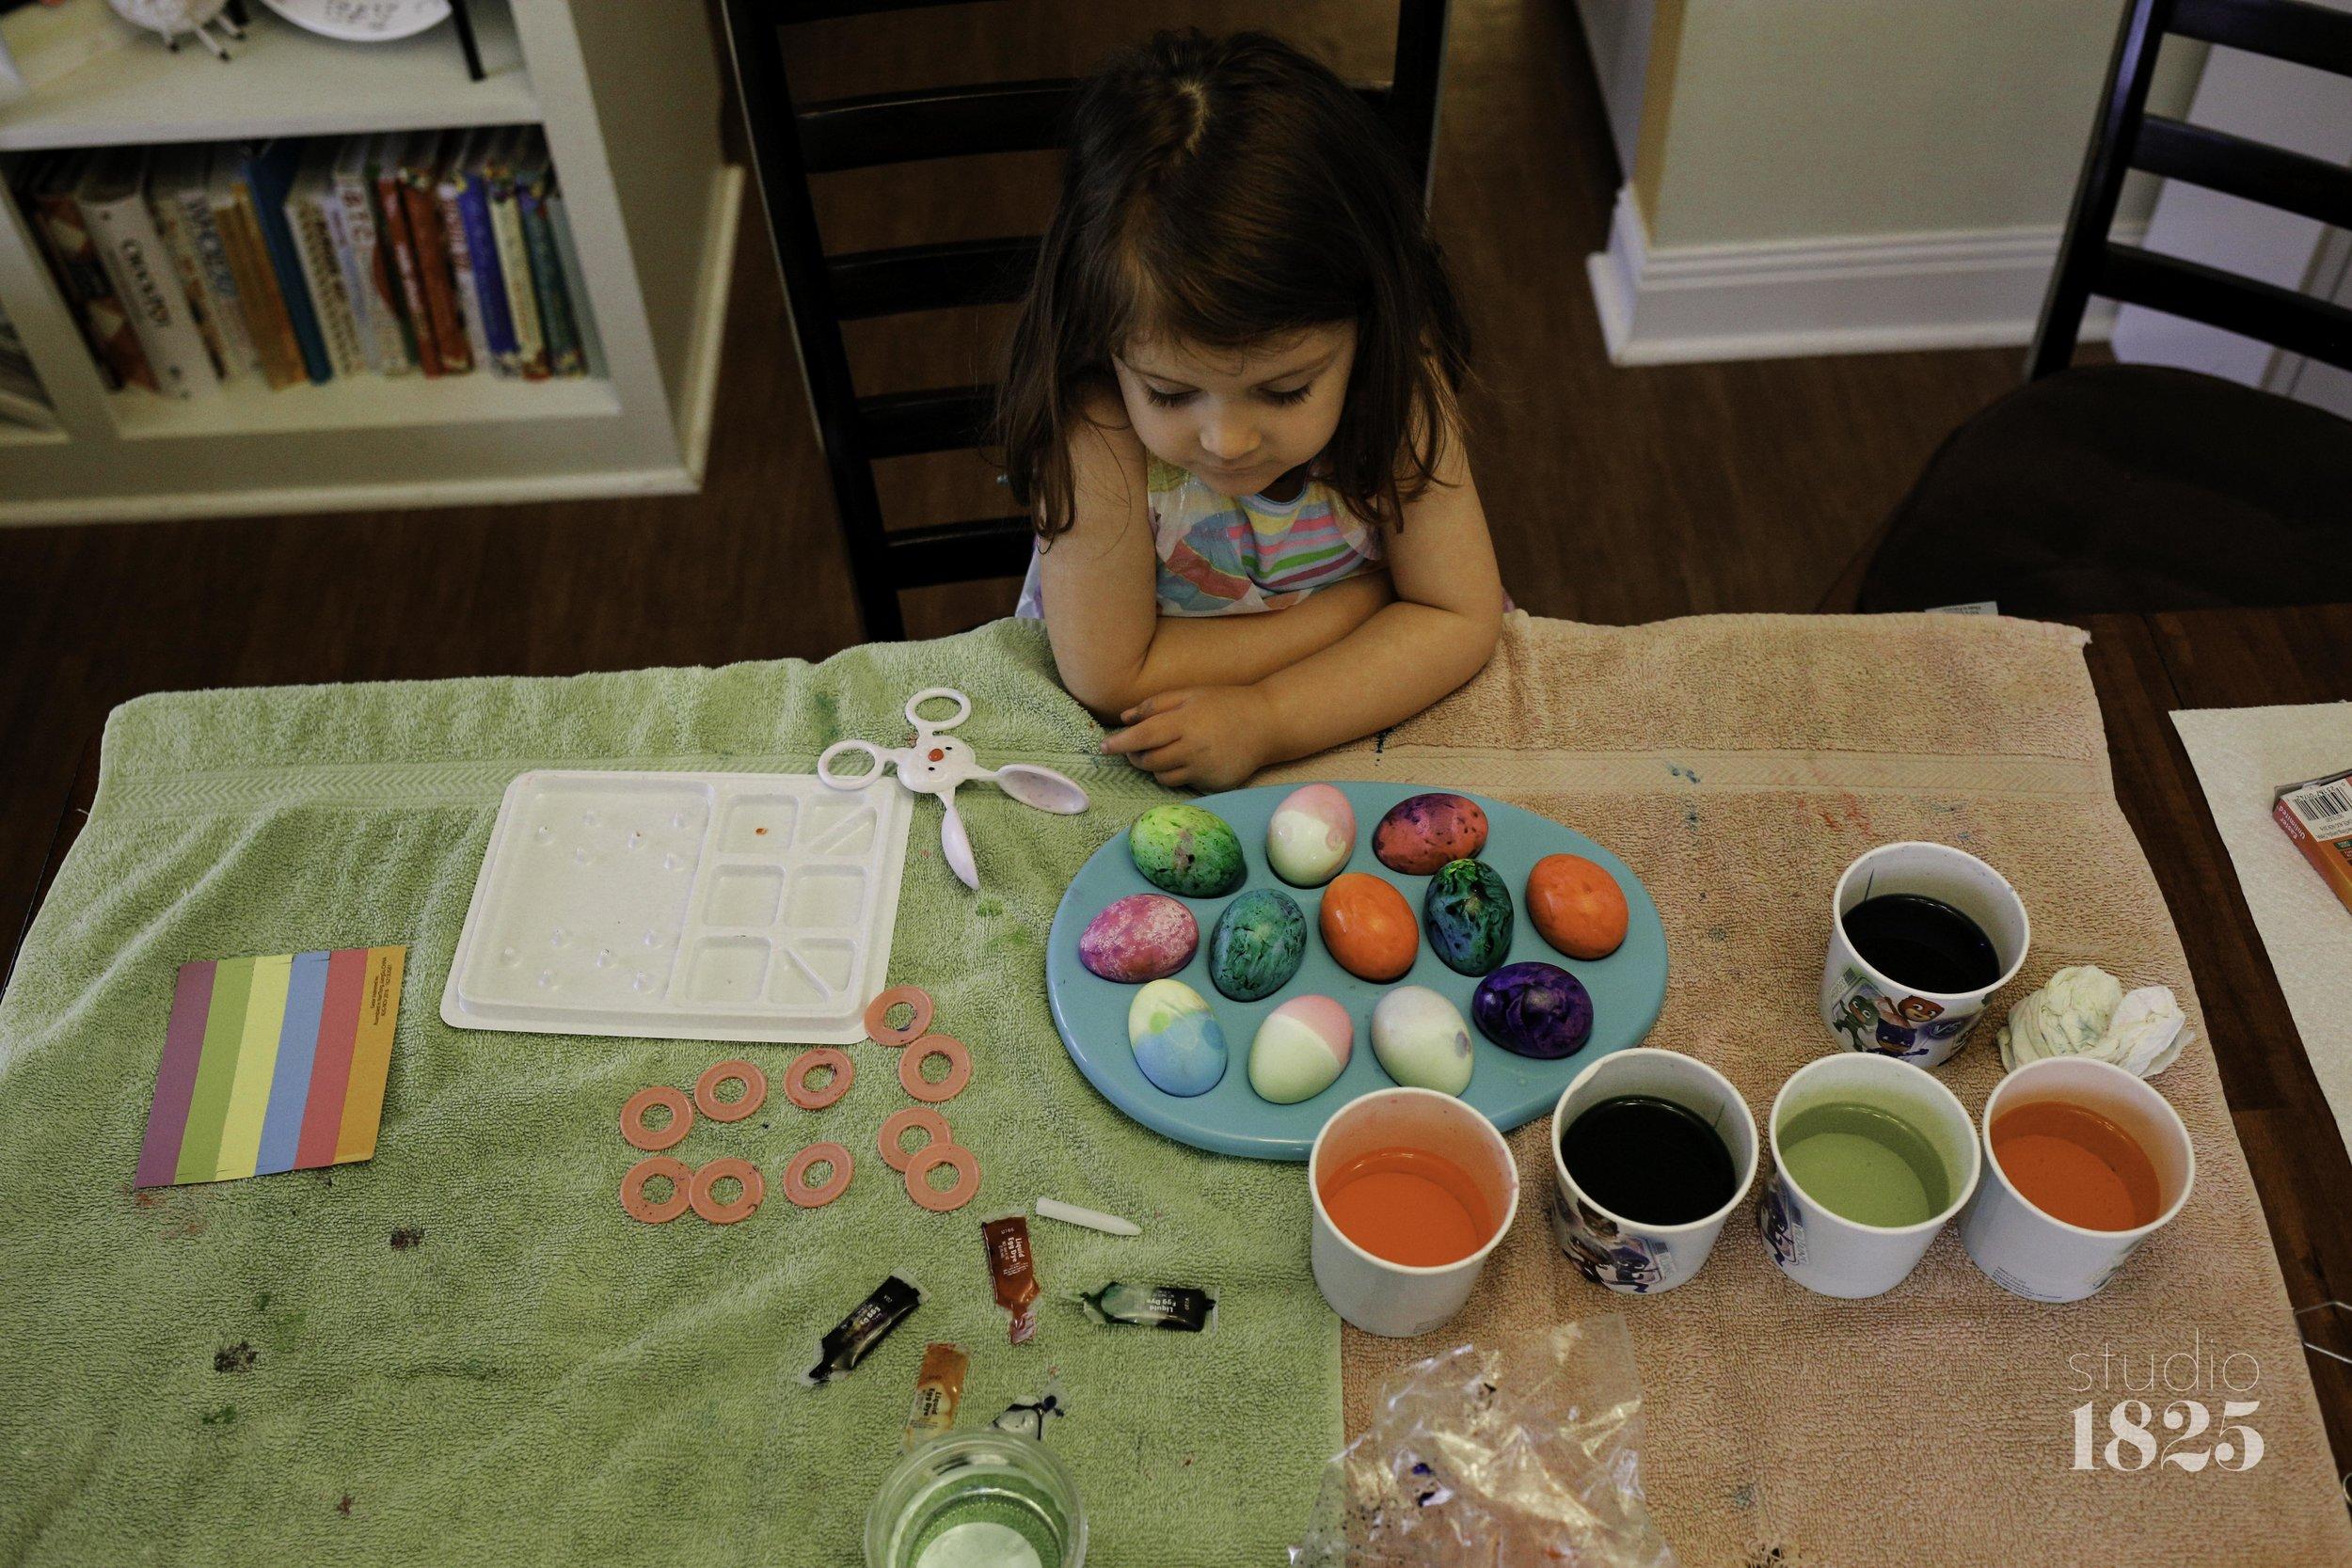 Spring_Documentary_Easter_Studio_1825-210.jpg